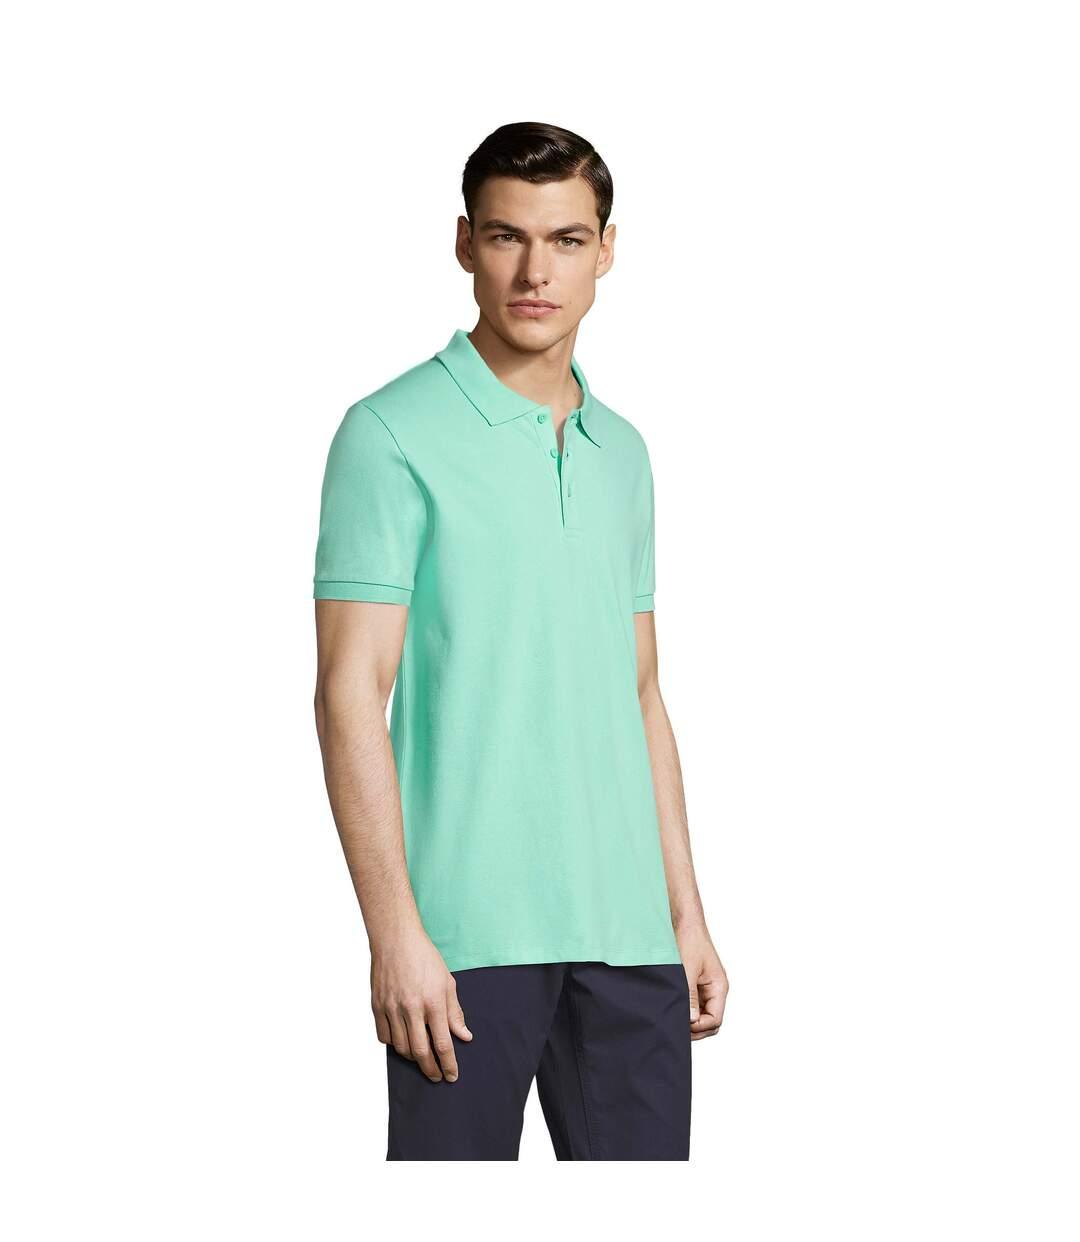 SOLS Mens Phoenix Short Sleeve Pique Polo Shirt (Mint) - UTPC2782